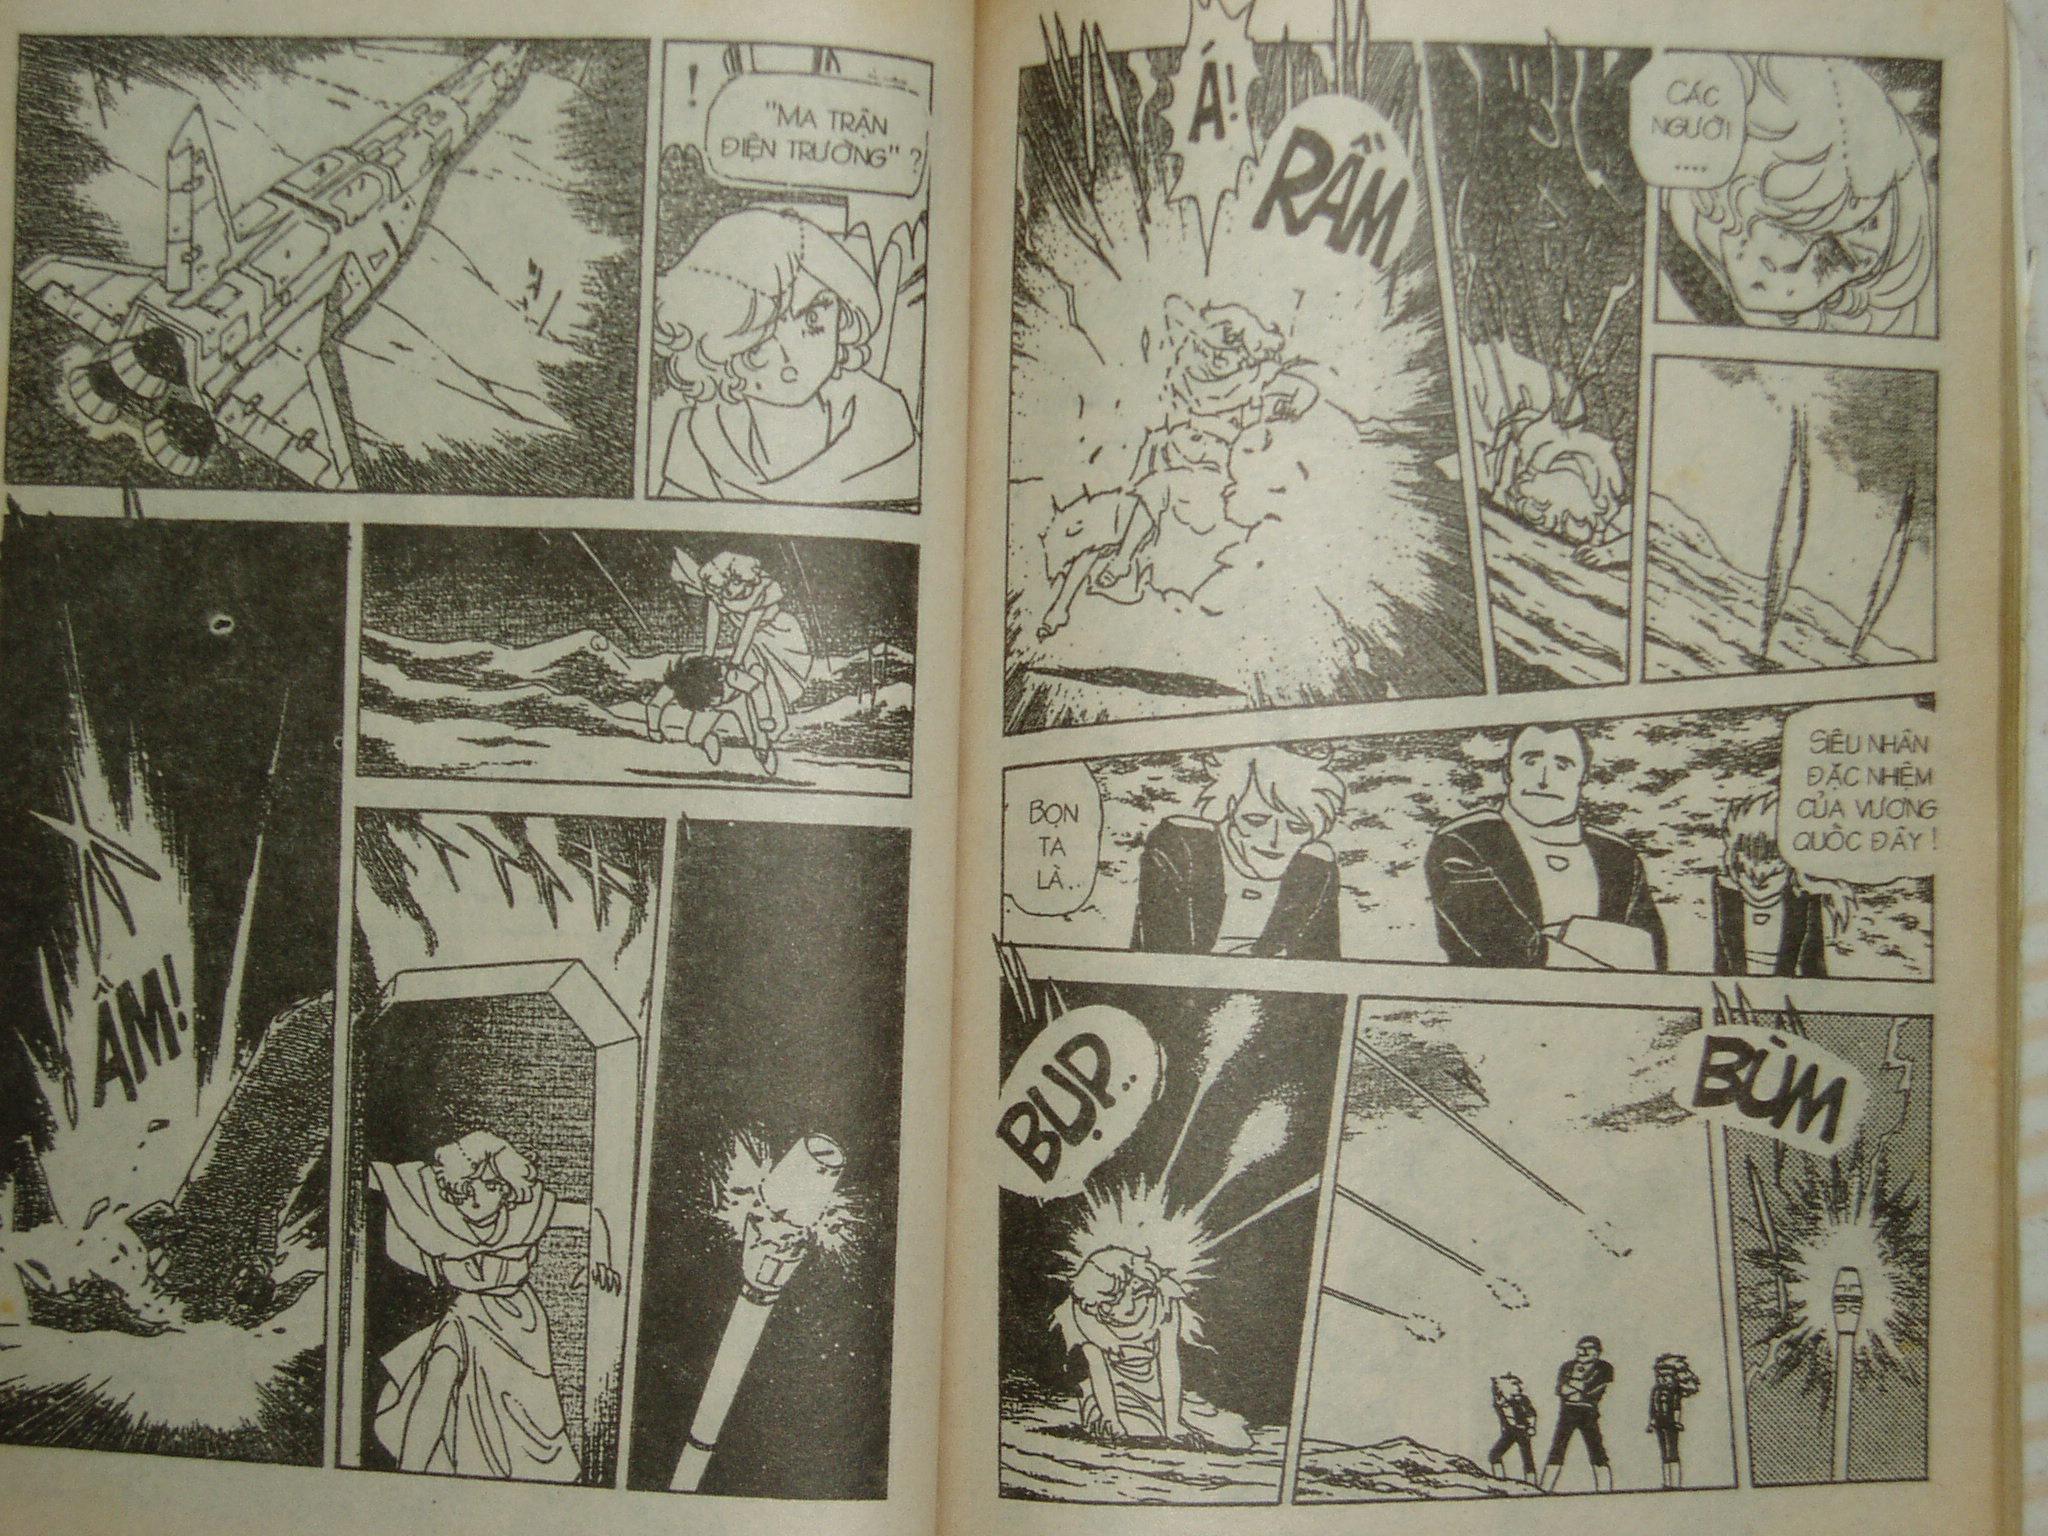 Siêu nhân Locke vol 17 trang 38